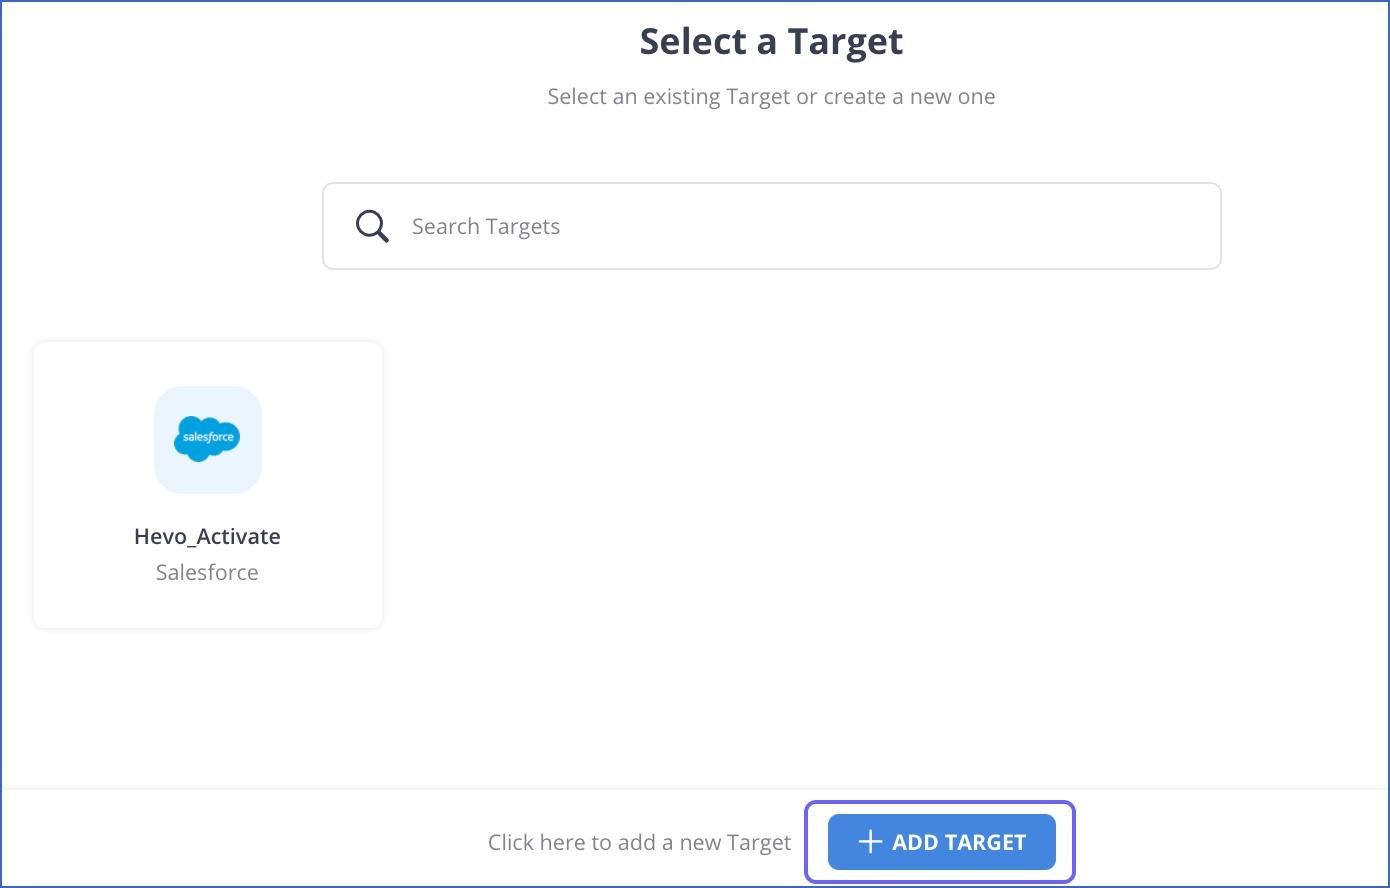 Select Target